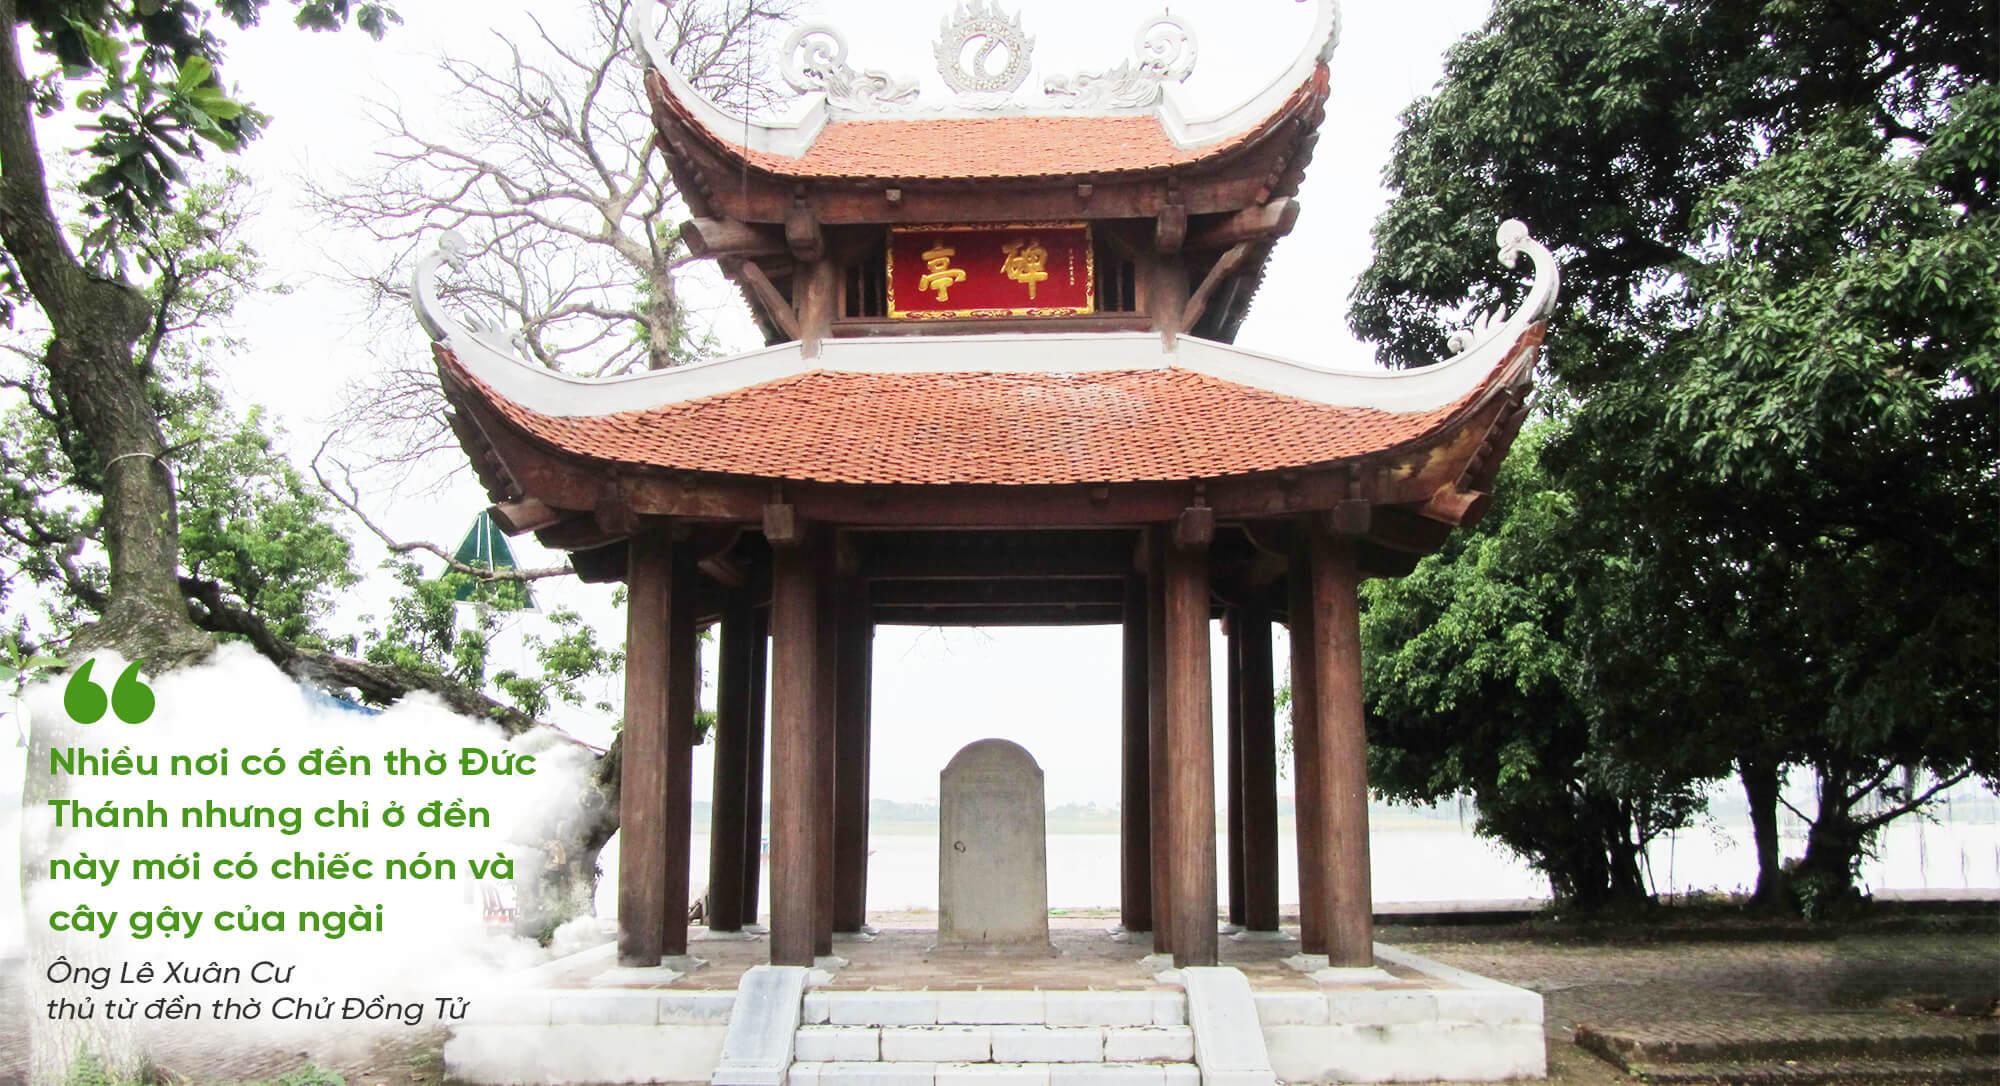 du lịch Hưng Yên,Hưng Yên